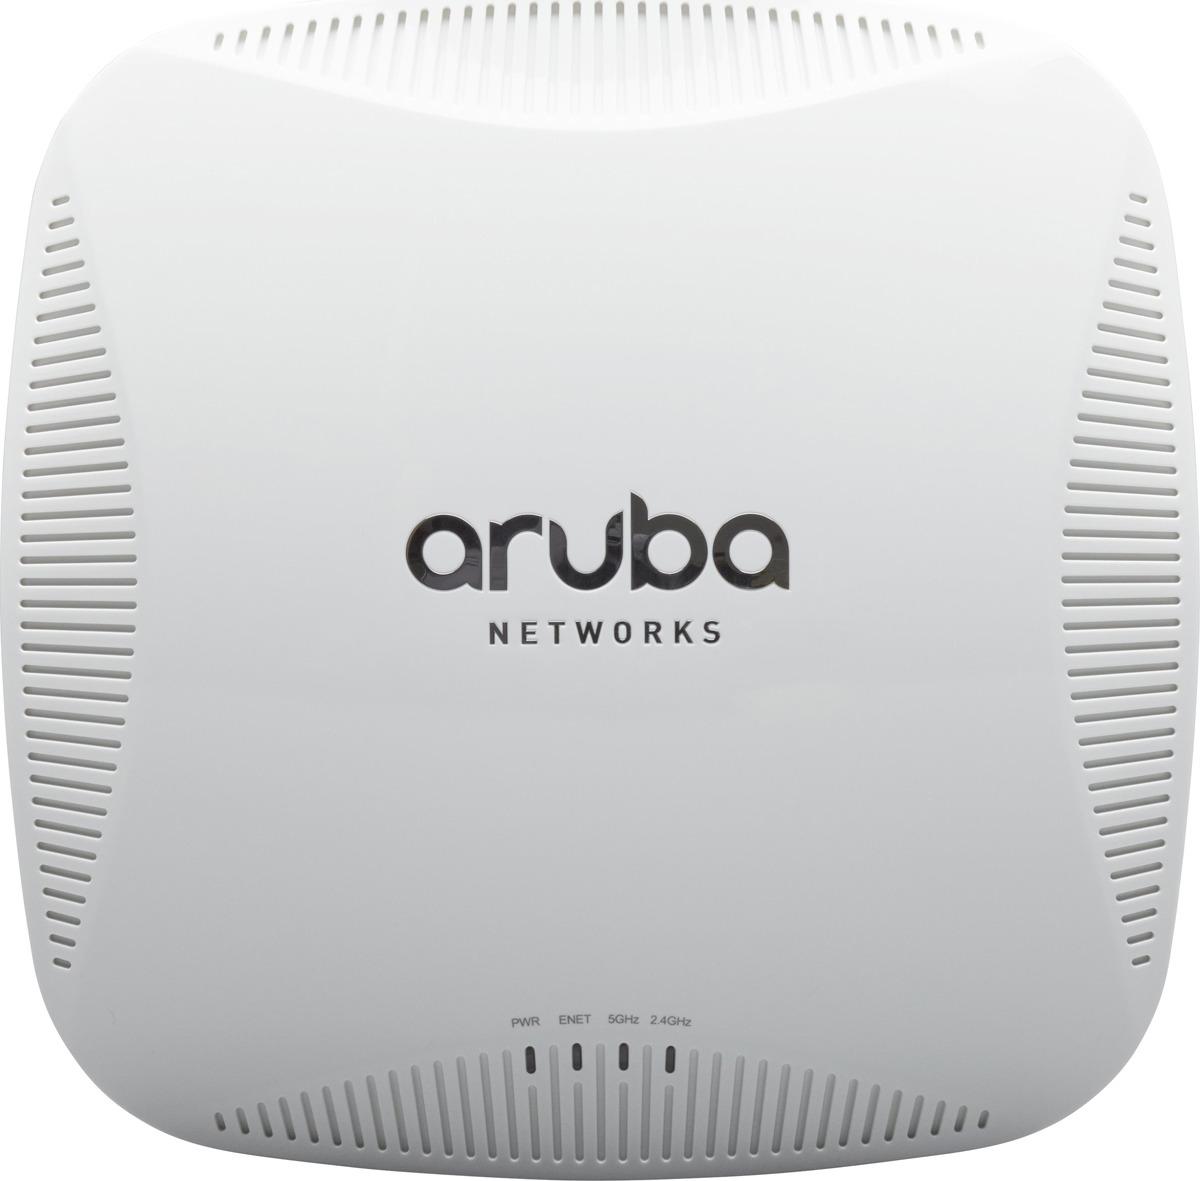 Точка доступа HPE Aruba IAP-215 (RW) Instant 10/100/1000BASE-TX, белый